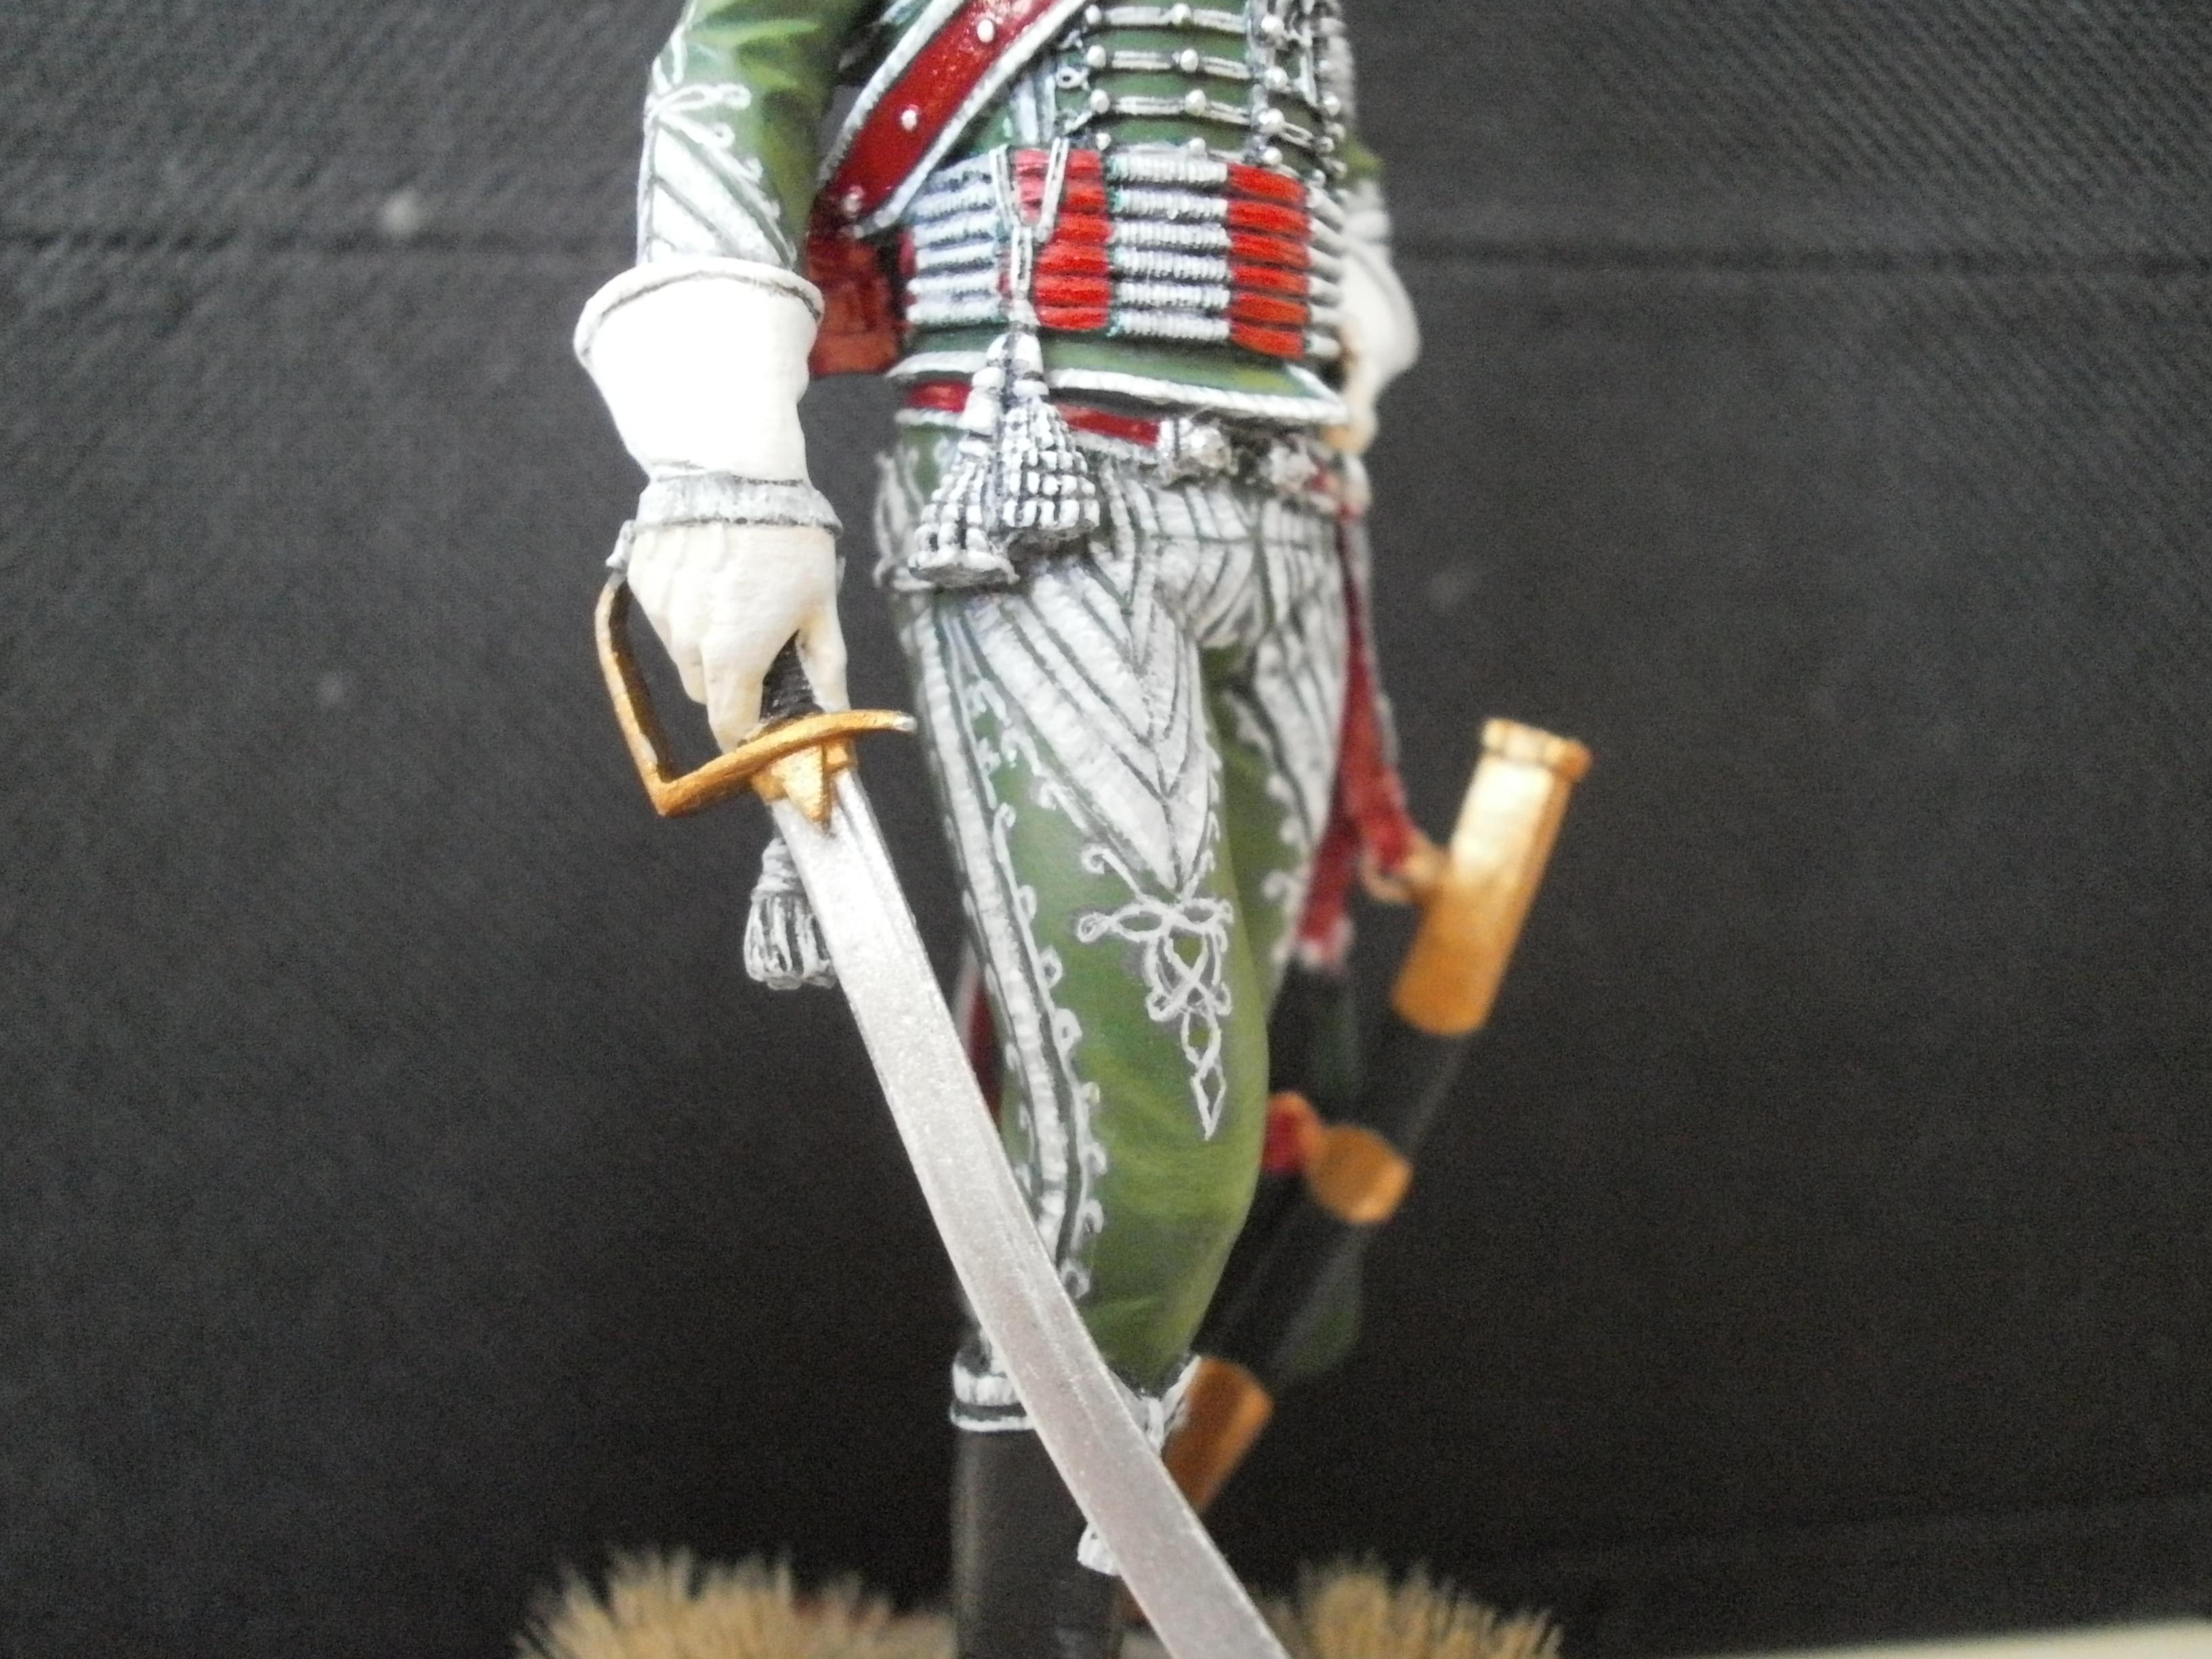 Généraux de cavalerie de l'empire (suite 5) 12072204033212384410131903